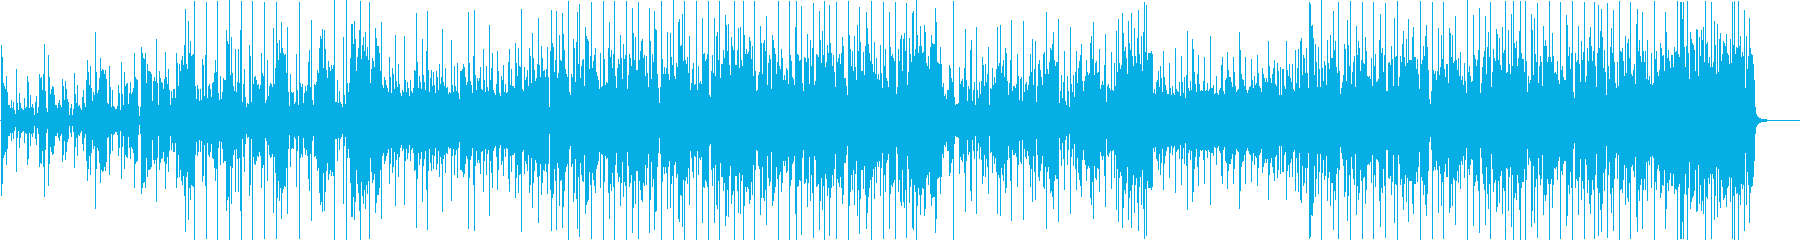 ノリノリ、ご機嫌なブラス・ファンクAの再生済みの波形